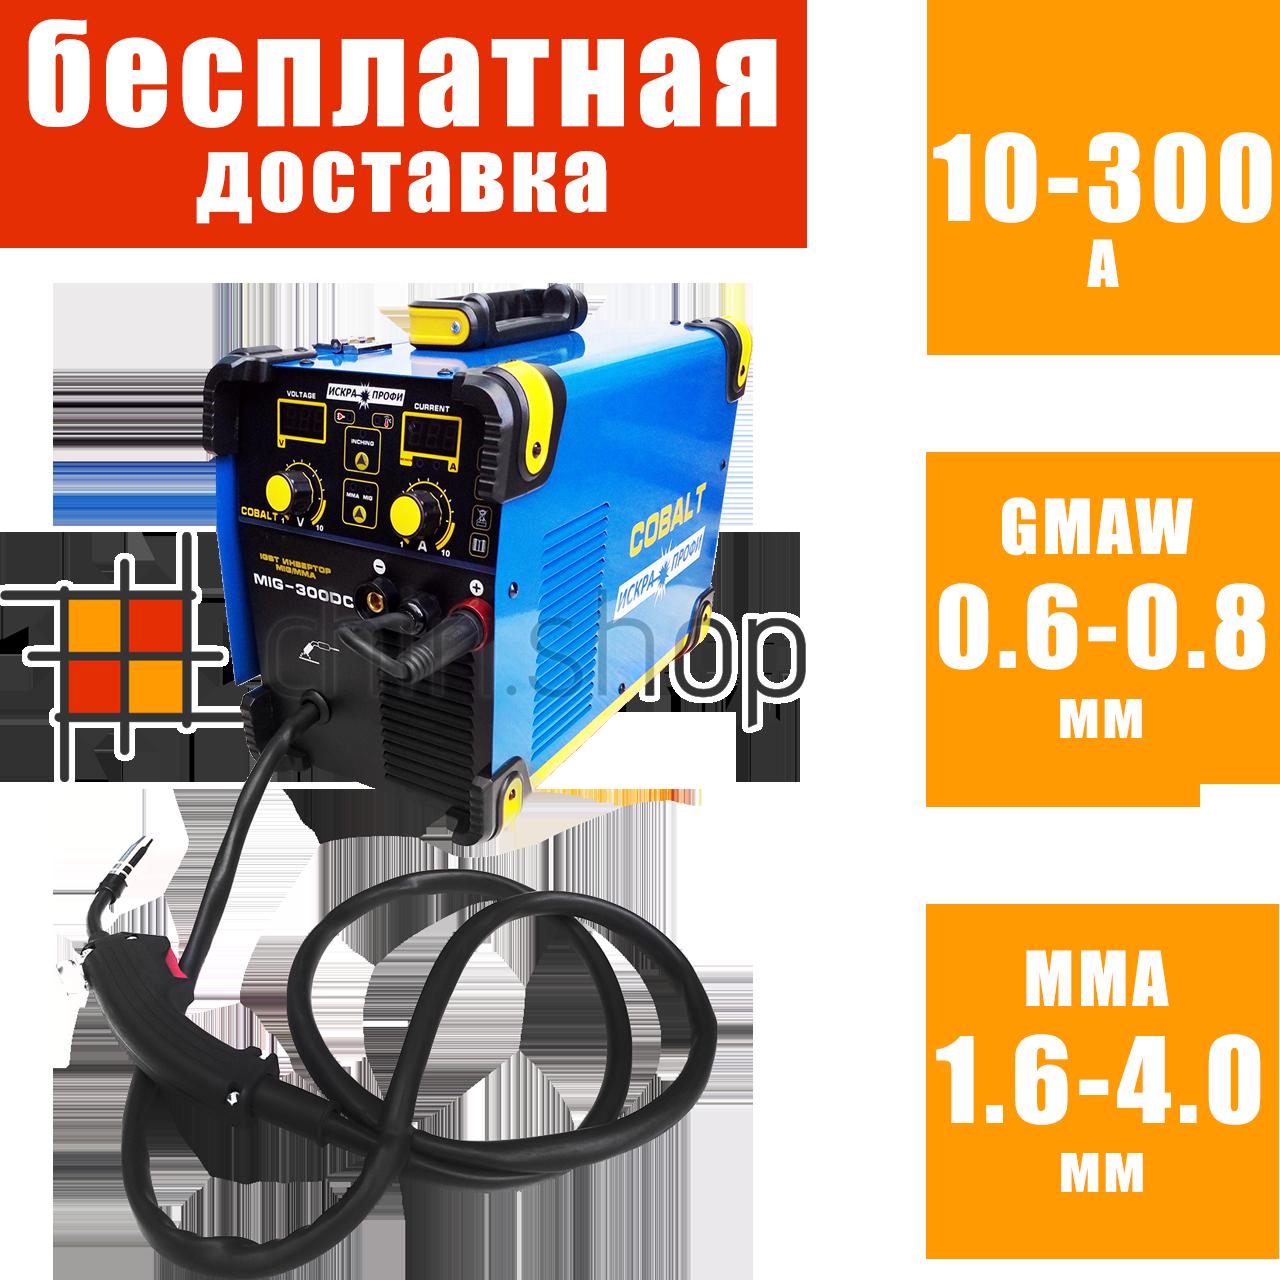 Инверторный полуавтомат Искра Профи Cobalt MIG 300 DC, сварочный полуавтомат 2 в 1 MIG/MAG MMA, сварка миг маг